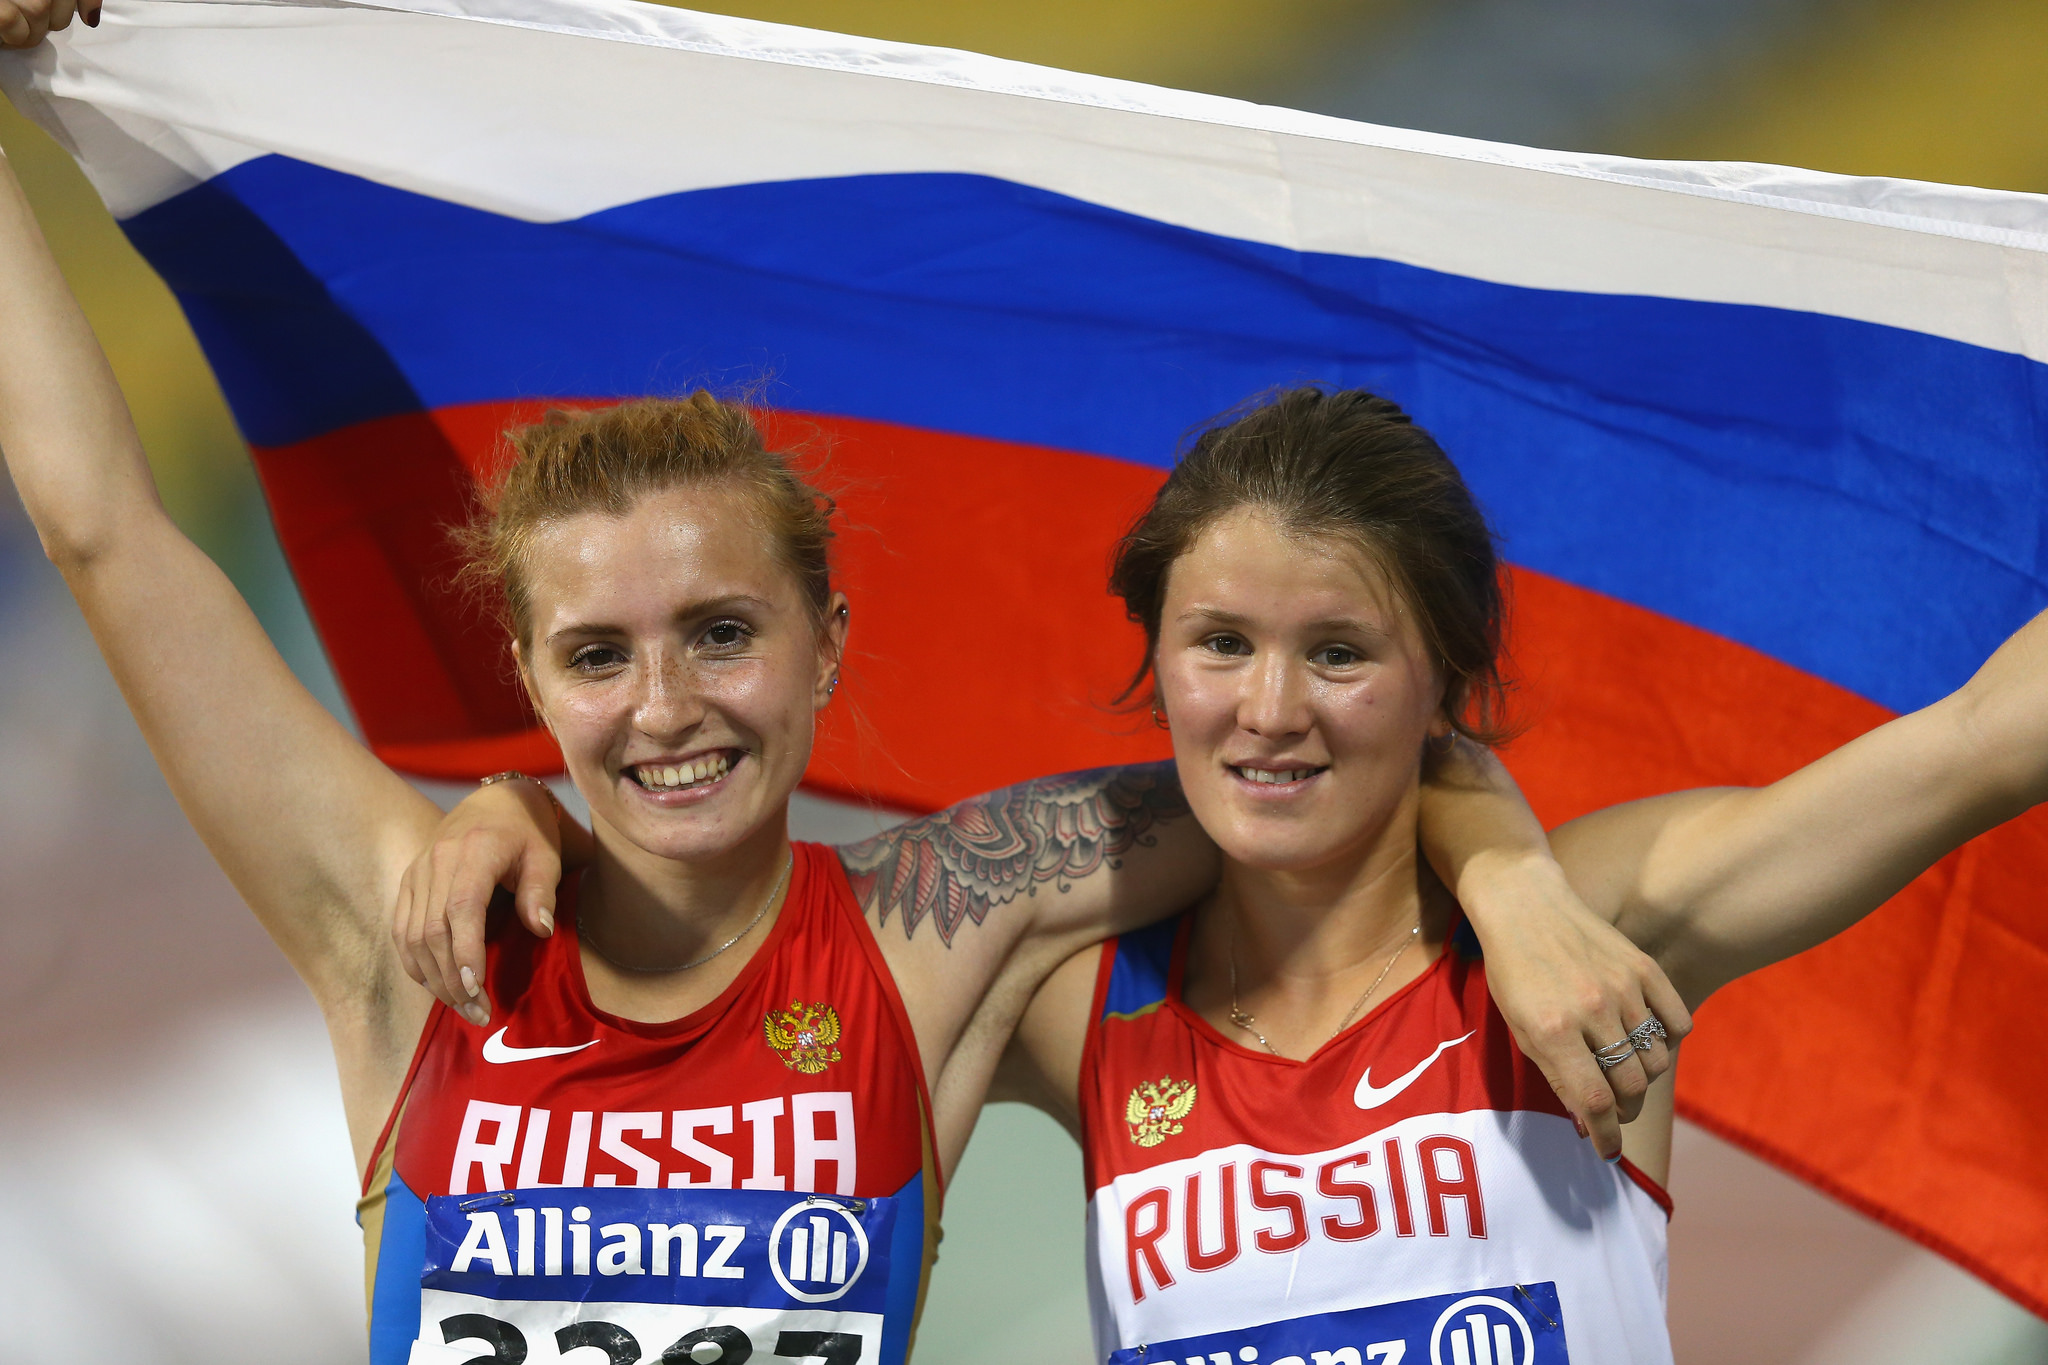 Российские легкоатлеты выиграли 3 золотые, 3 серебряные и 2 бронзовые медали в седьмой день  чемпионата мира IPC в Катаре